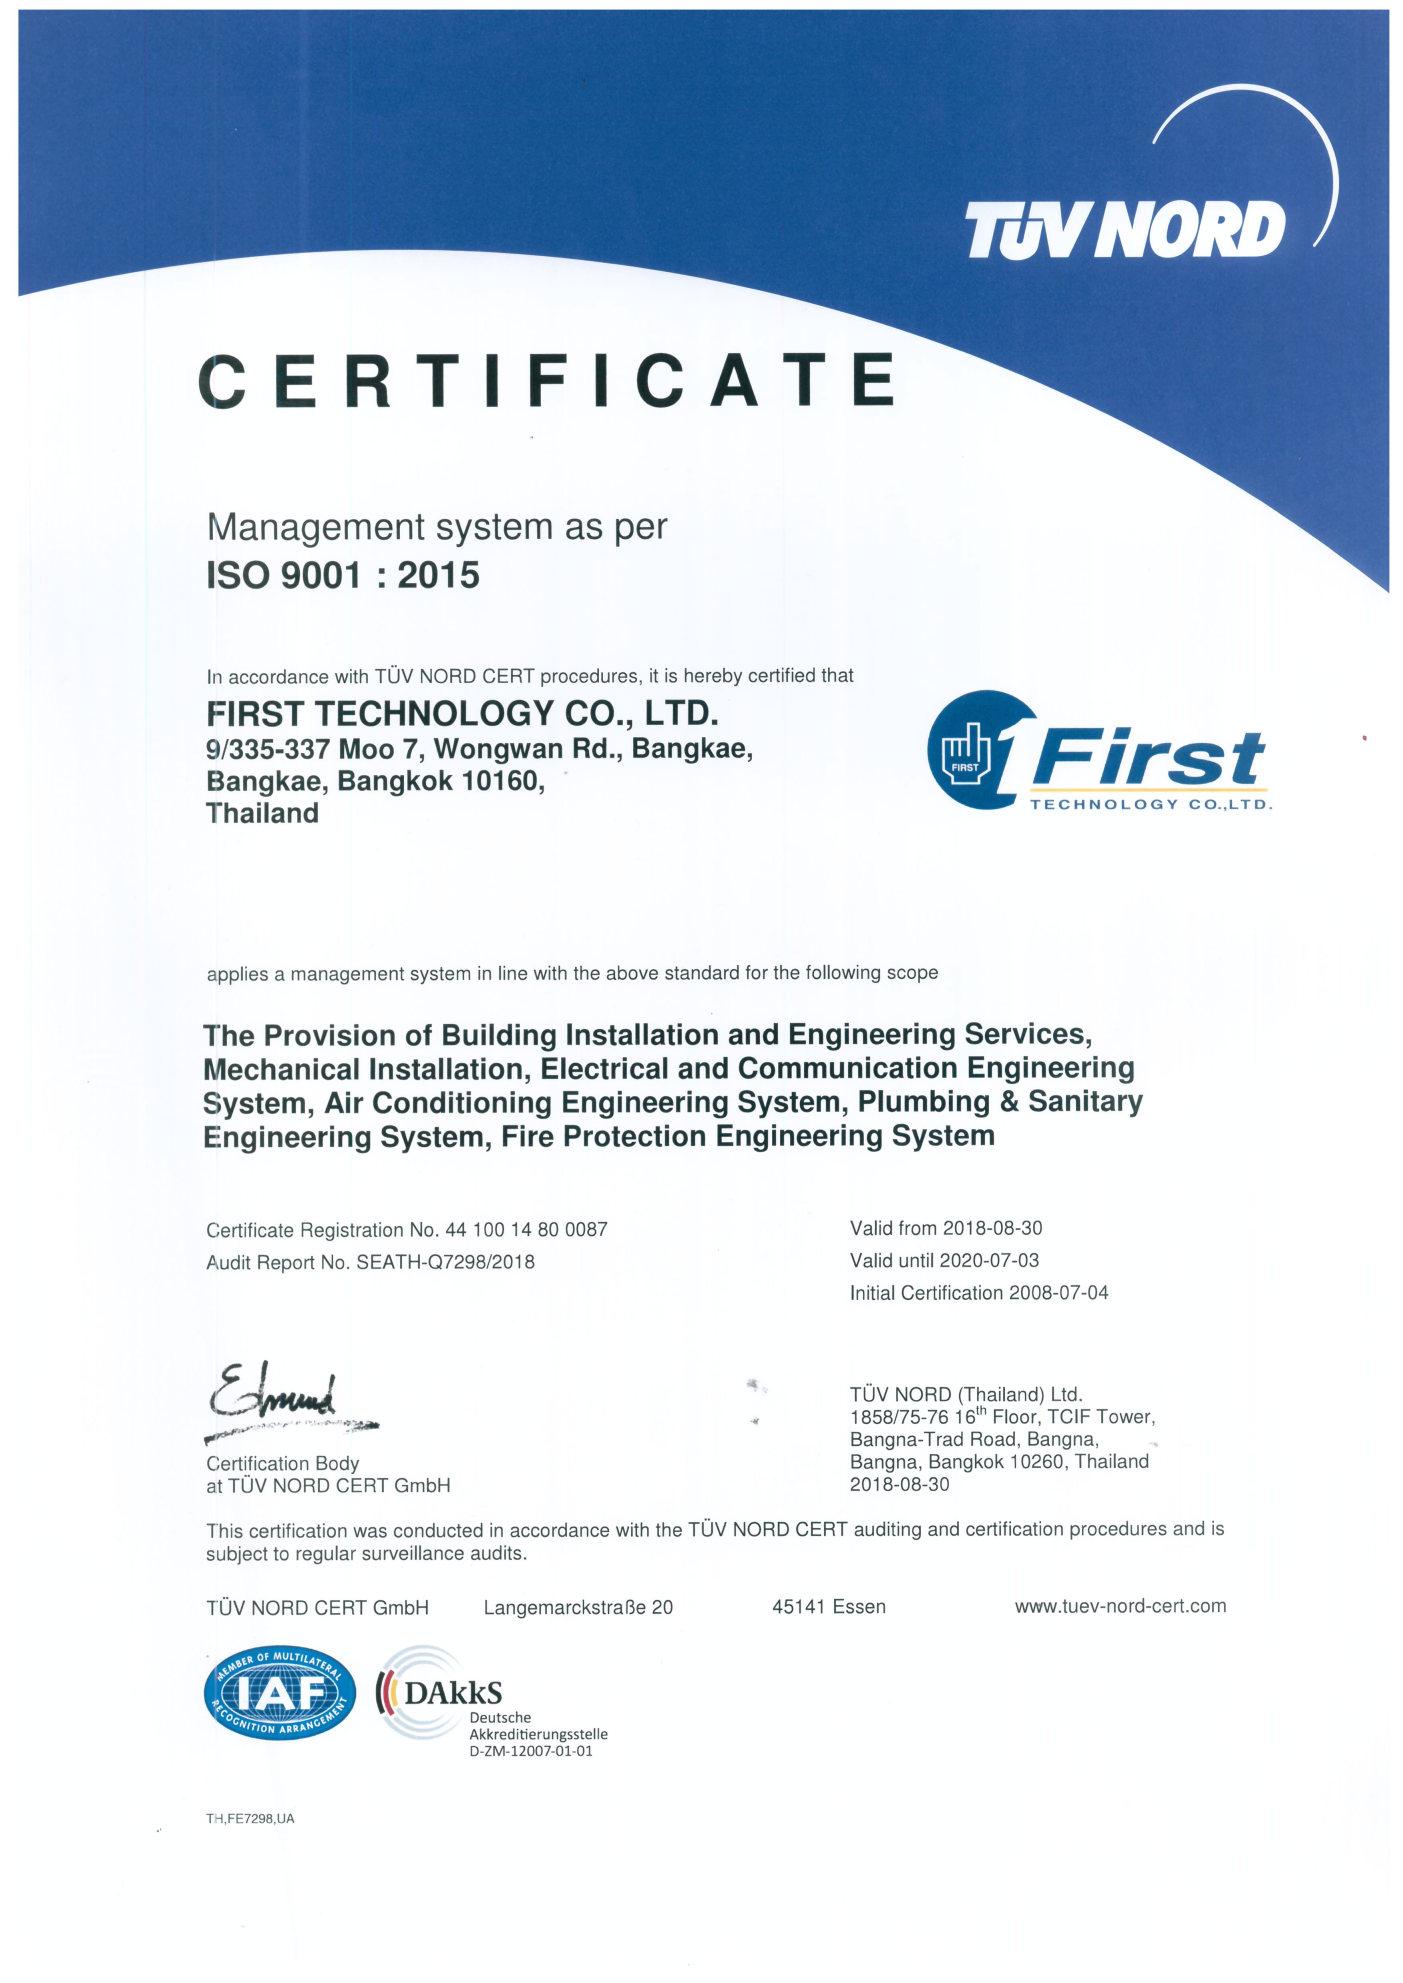 certificate_in_frame